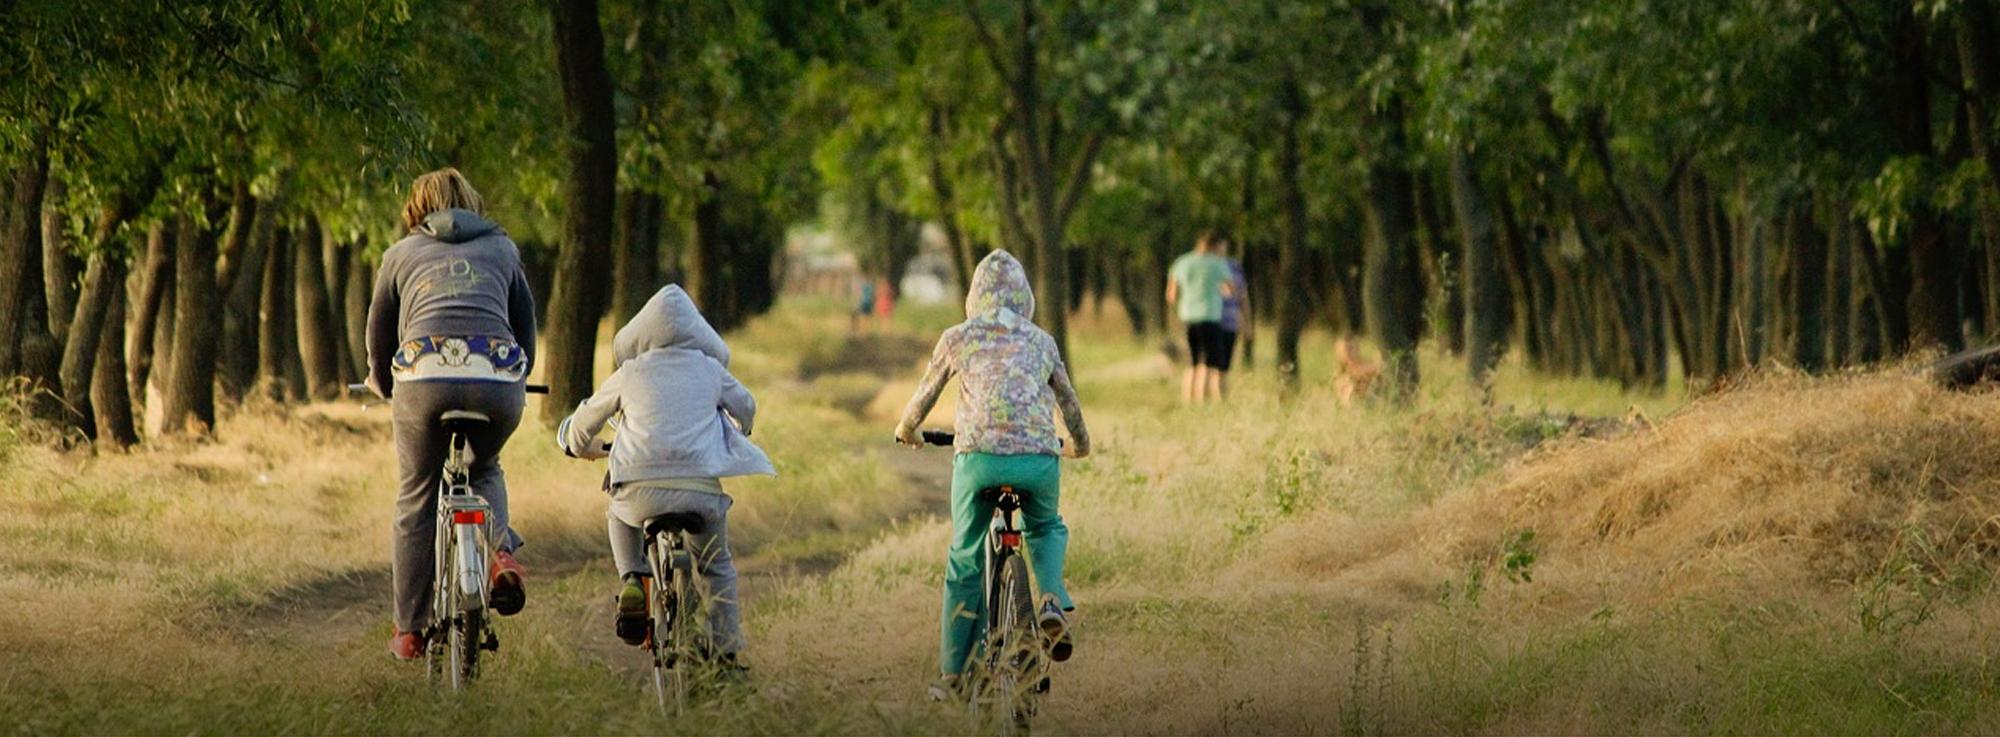 San Pietro Vernotico: Varano Bike Race